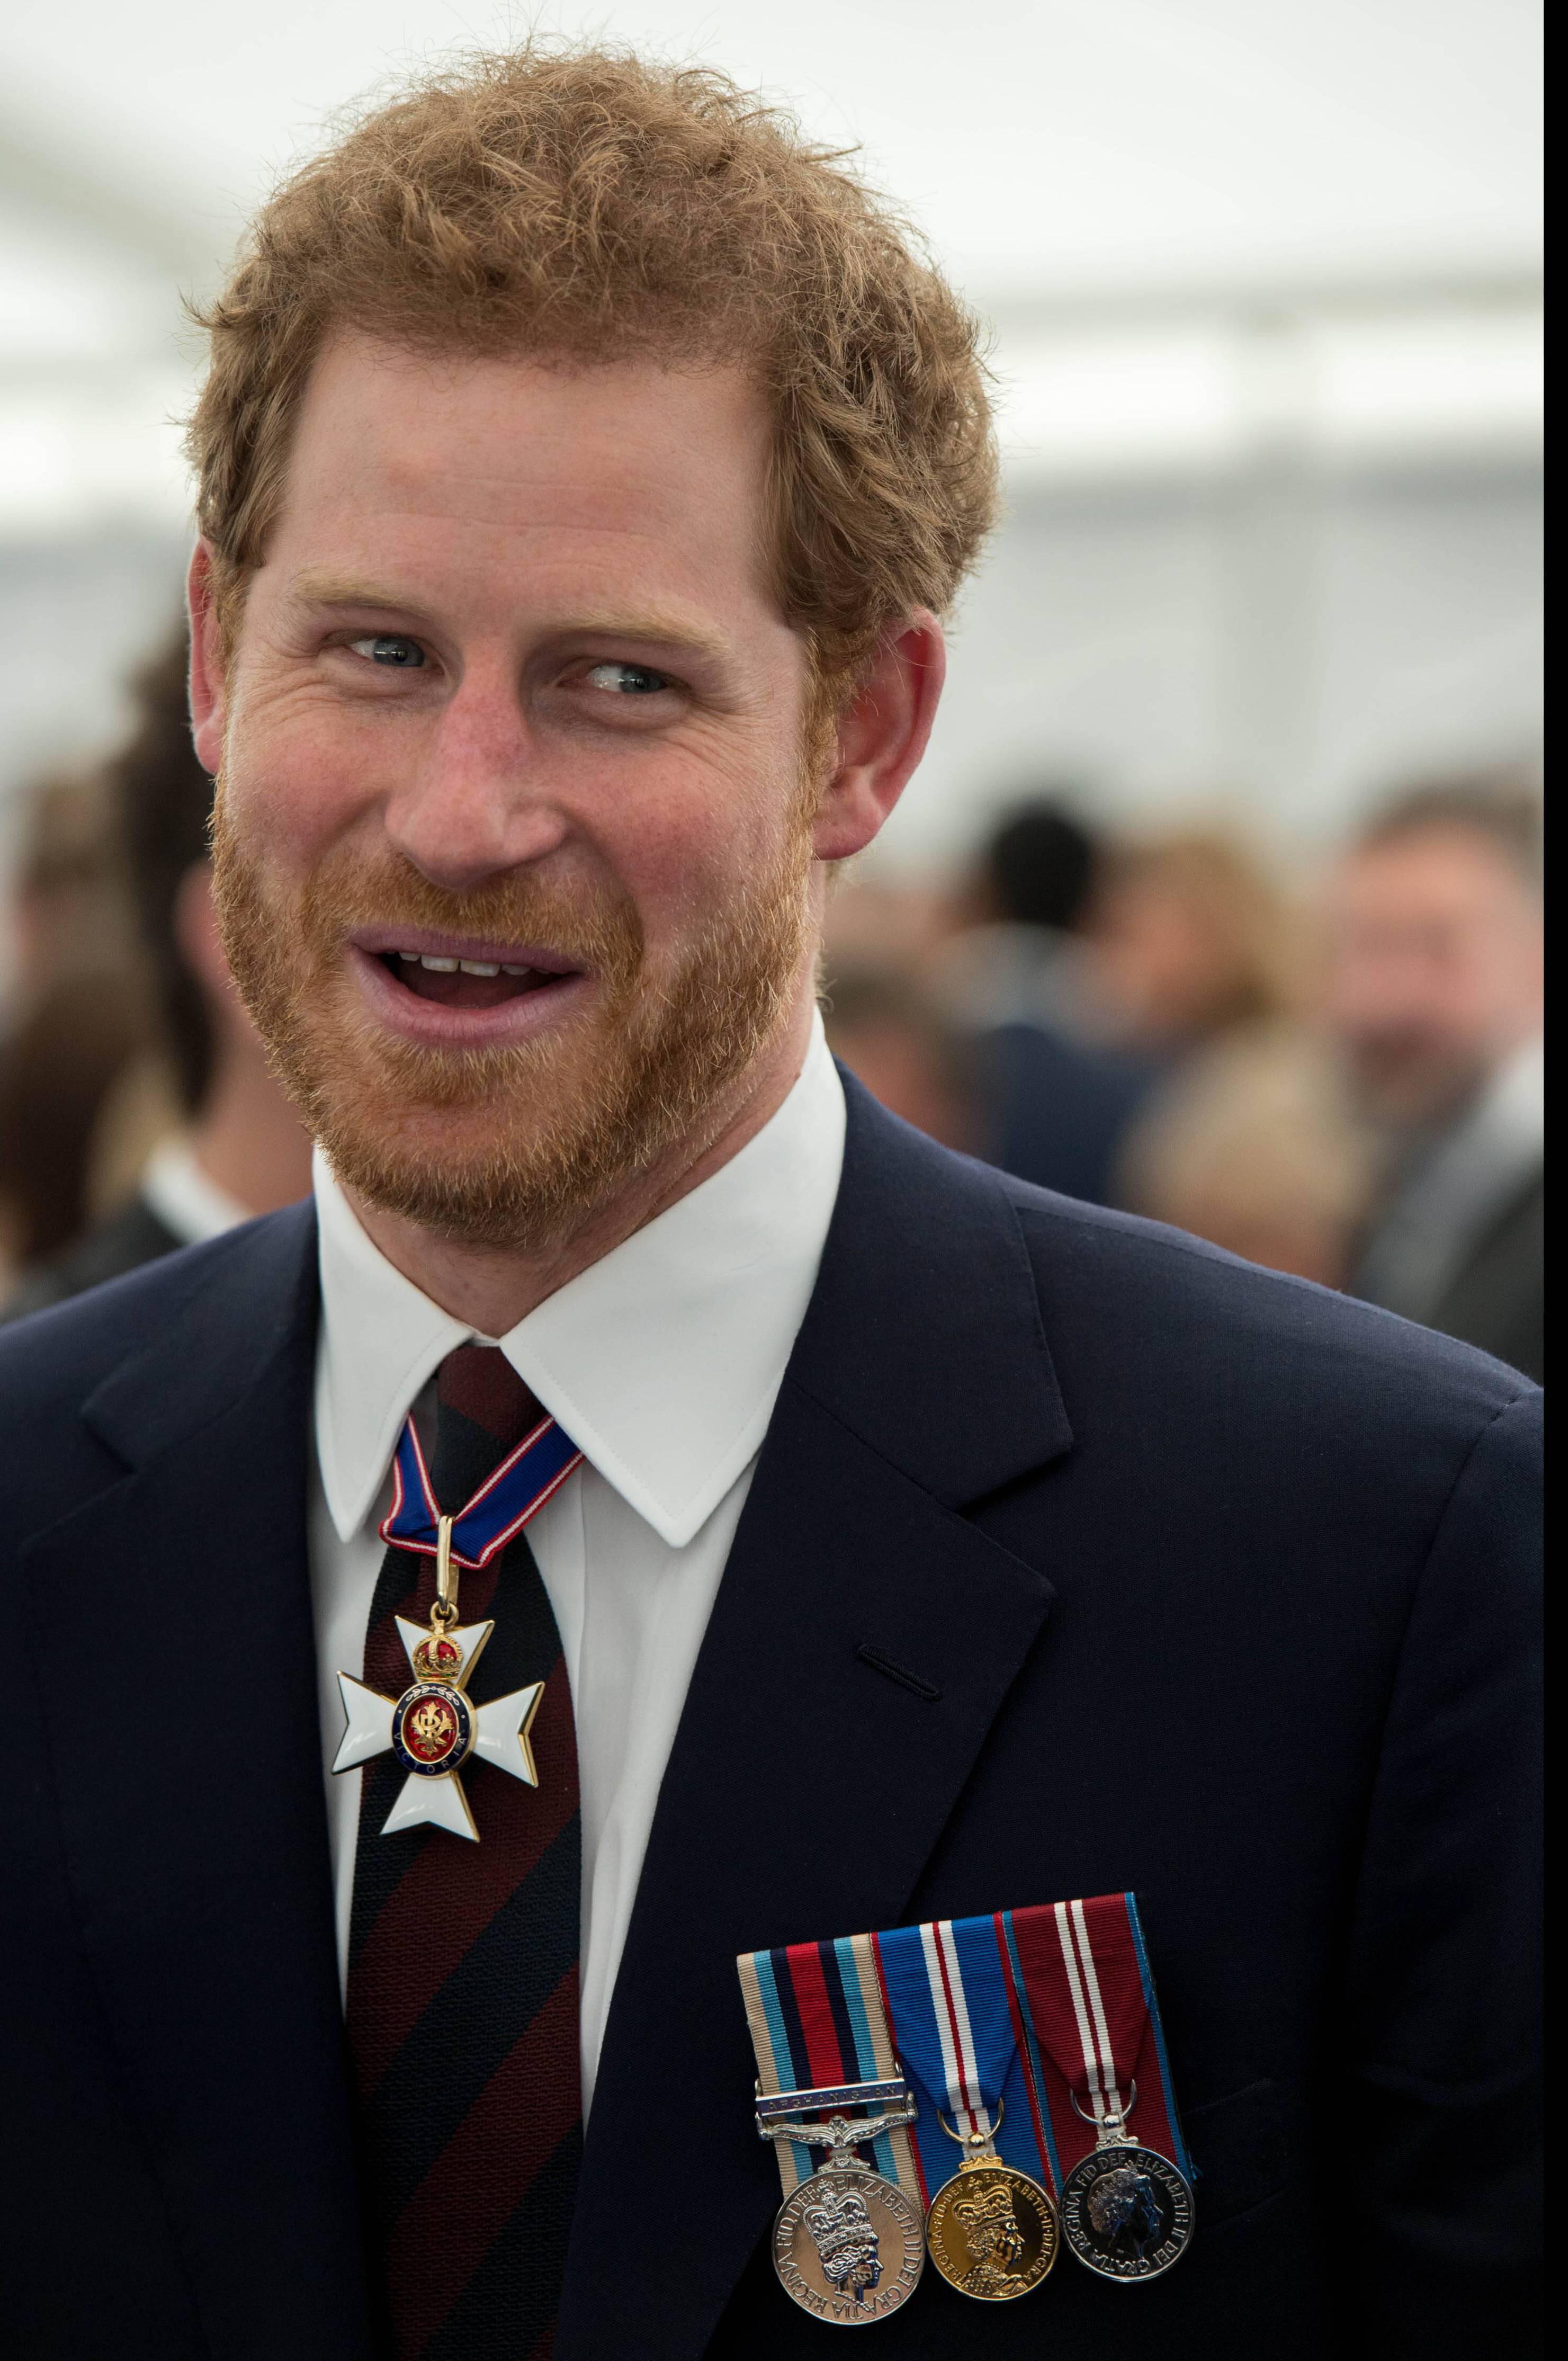 Bild zu Hochzeitspläne? Prinz Harry plant Grosses